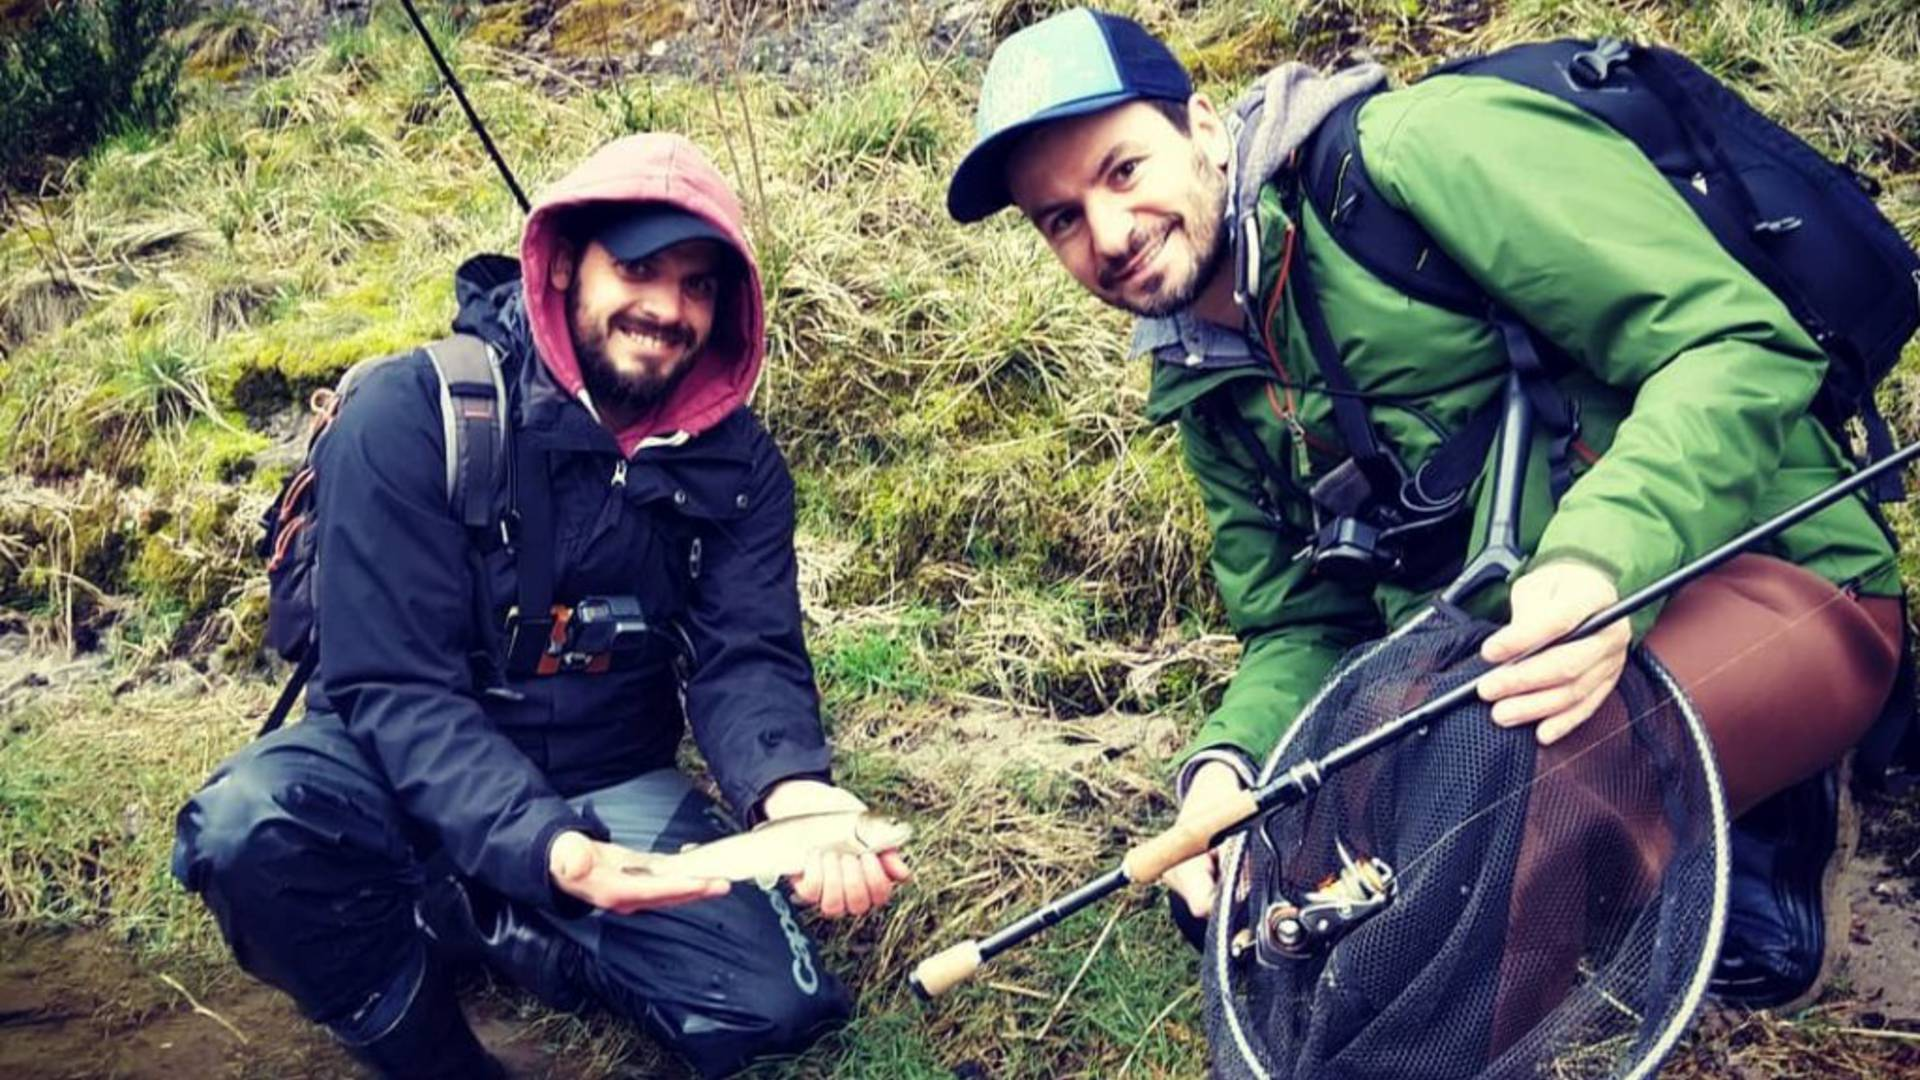 Partie de pêche en rivière Tarn autour de Millau©Scarnafishing